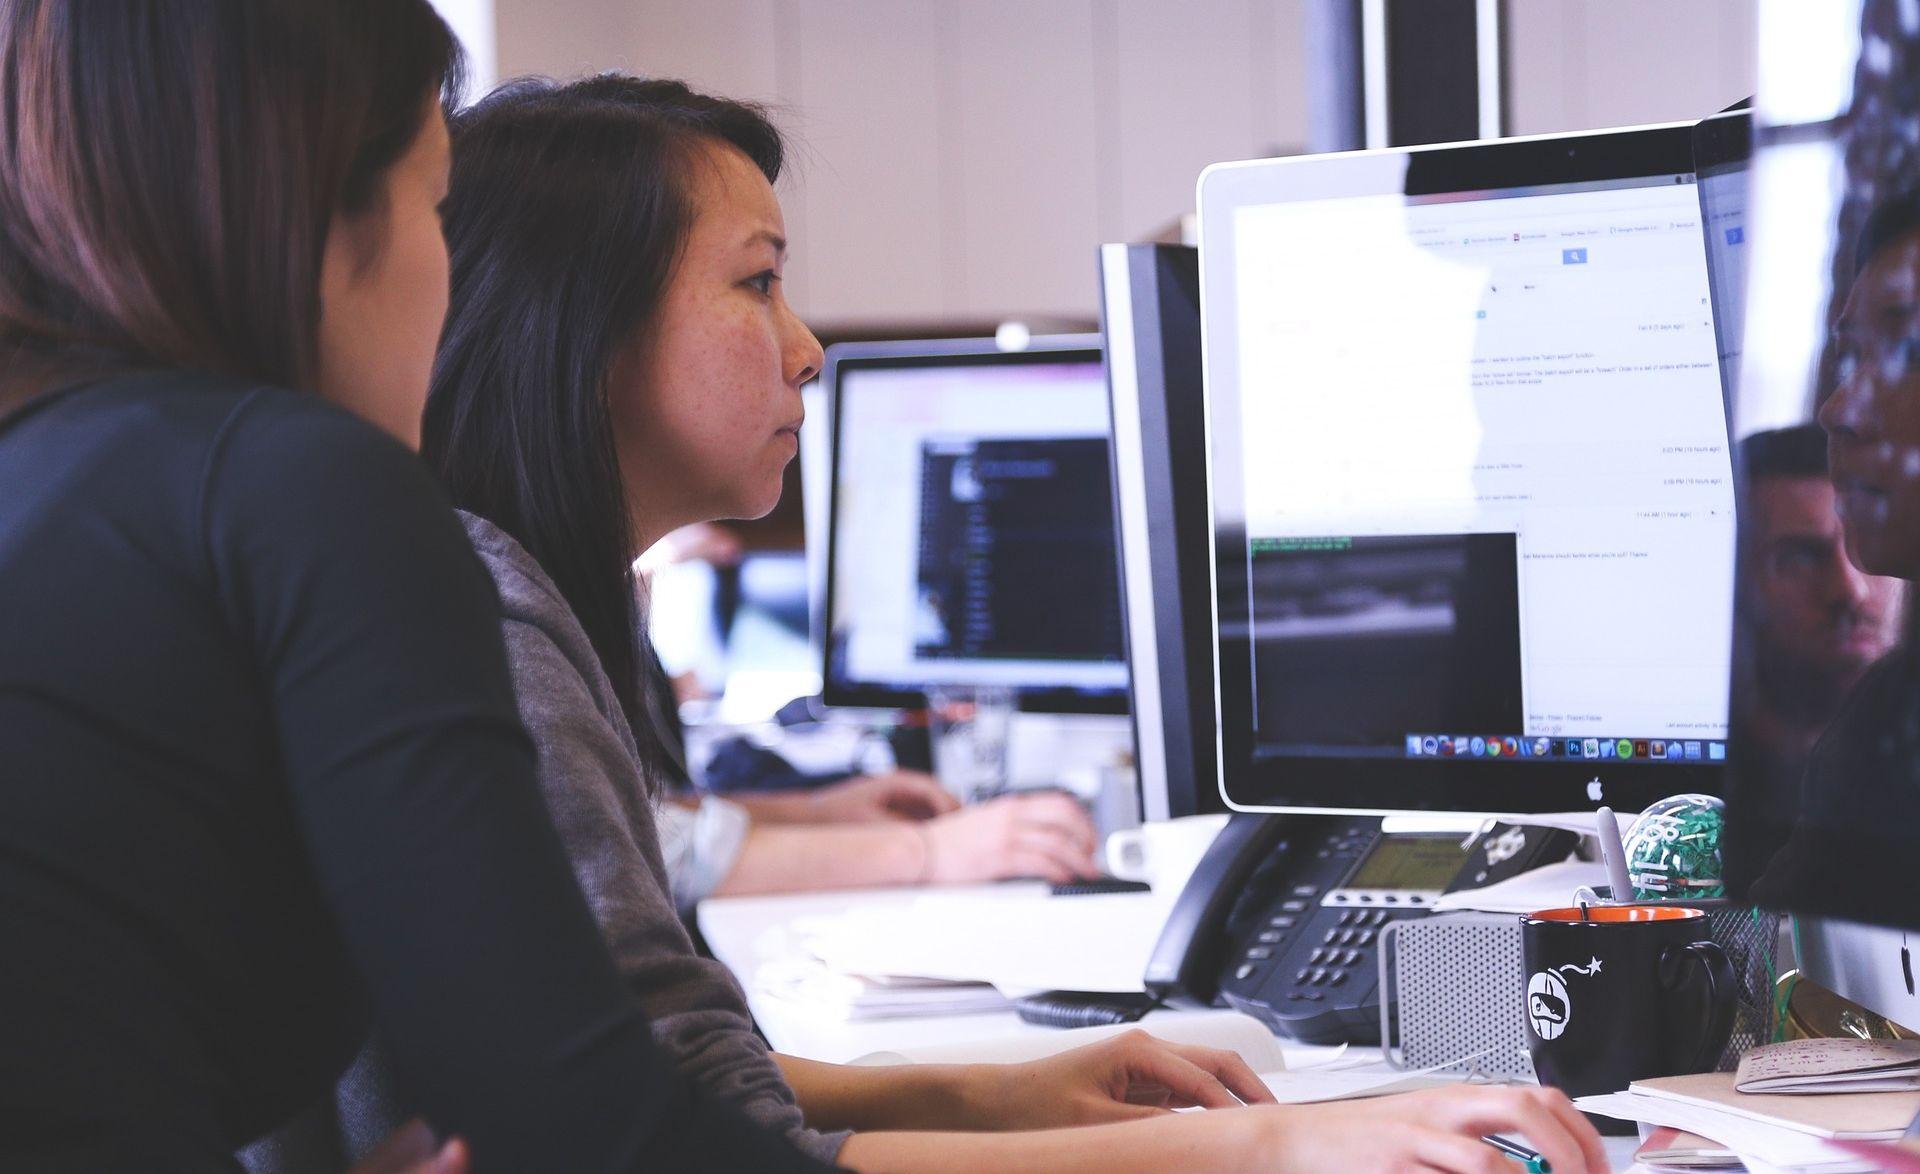 Uredska produktivnost: Otvoreni prostori iritiraju ljude